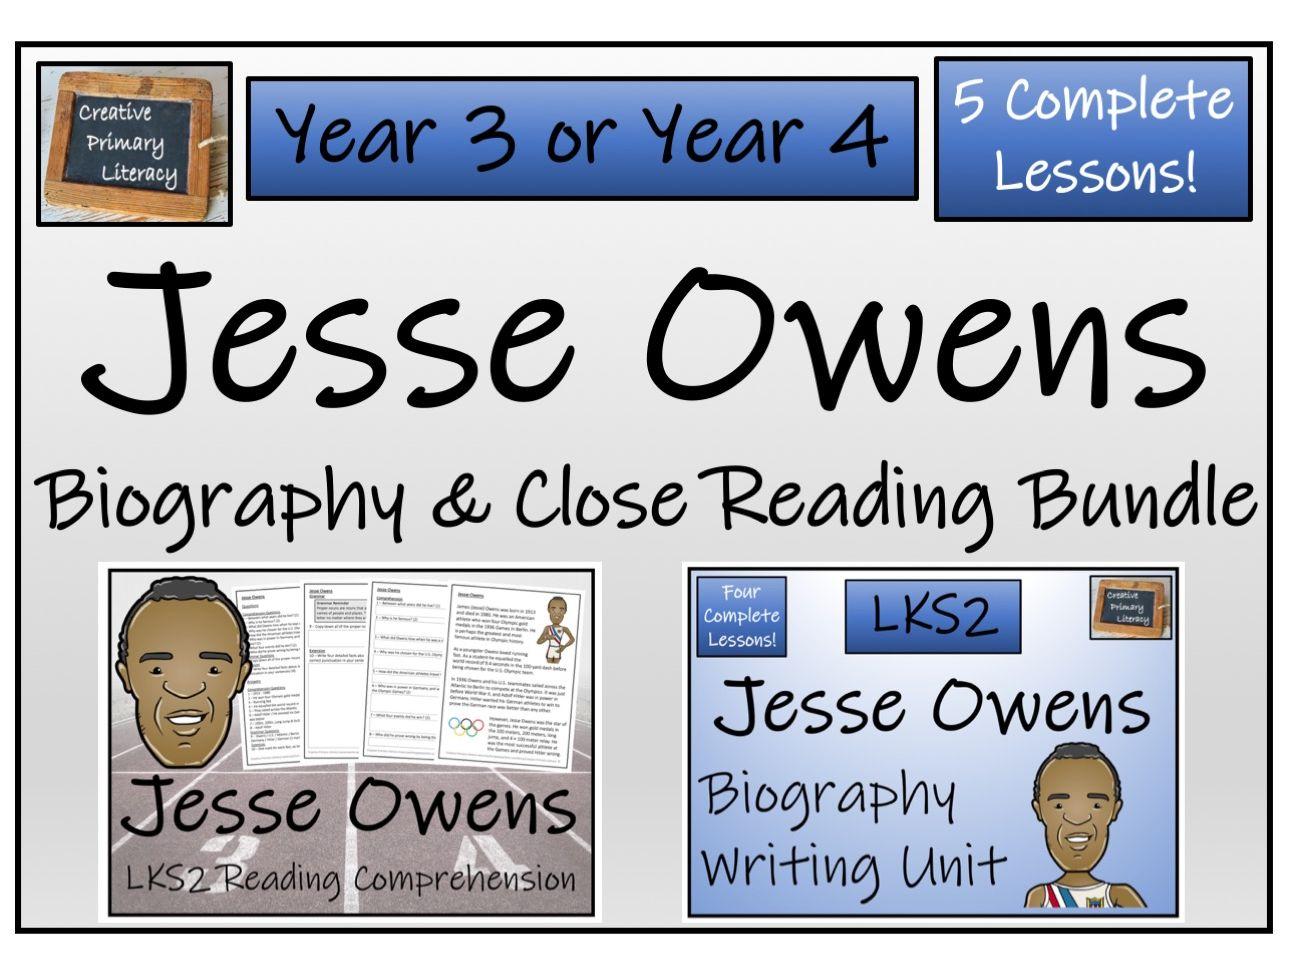 LKS2 History - Jesse Owens Reading Comprehension & Biography Bundle